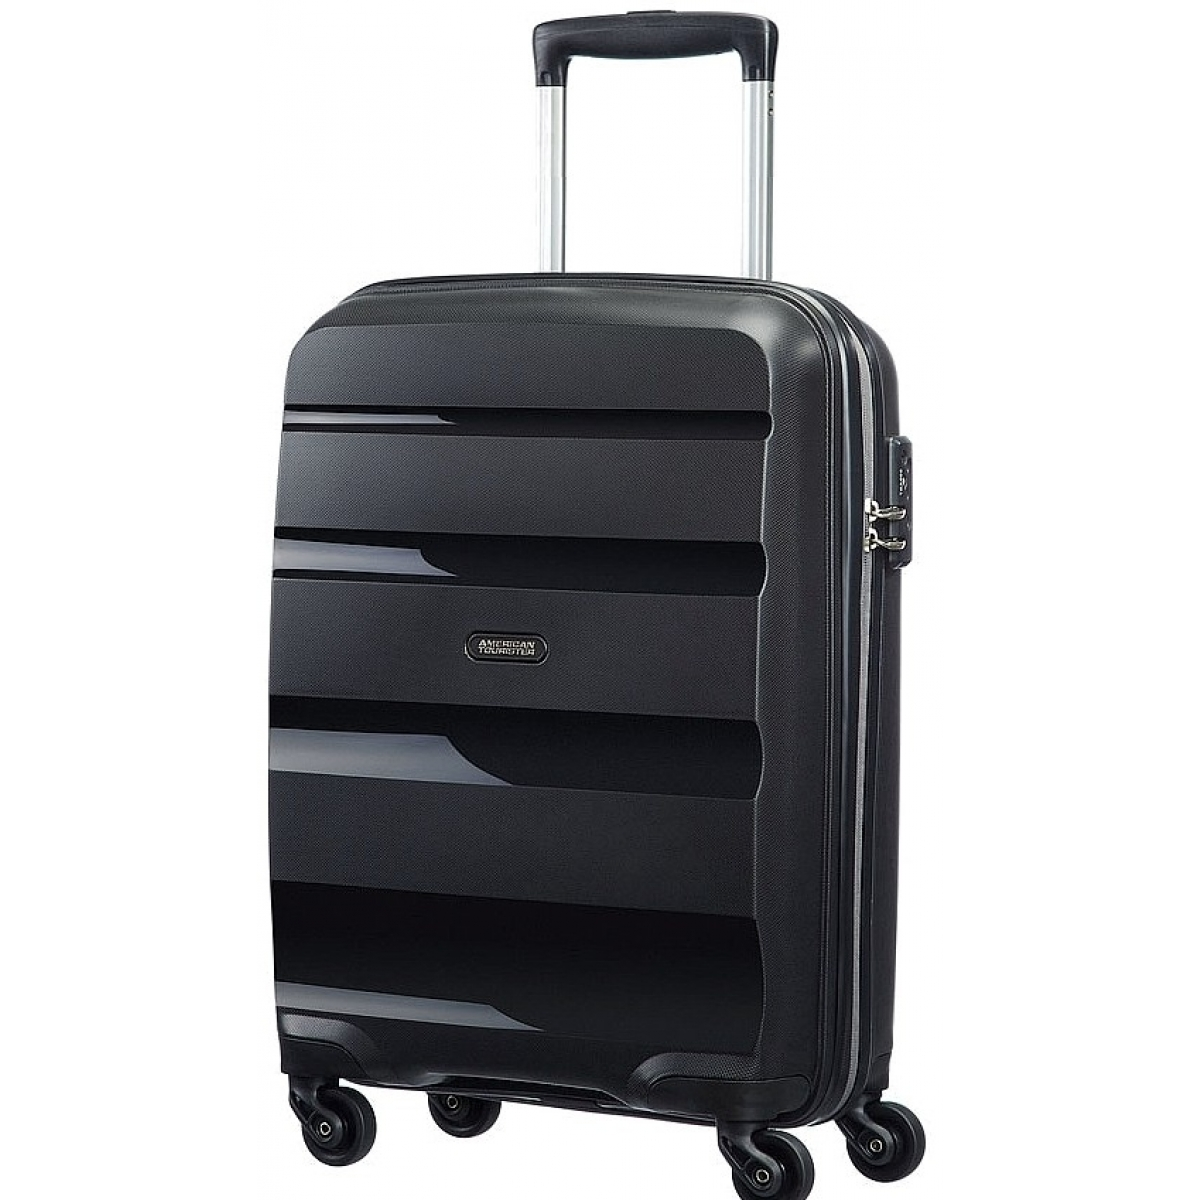 valise cabine bon air american tourister 55cm bonair22 couleur principale noir valise. Black Bedroom Furniture Sets. Home Design Ideas